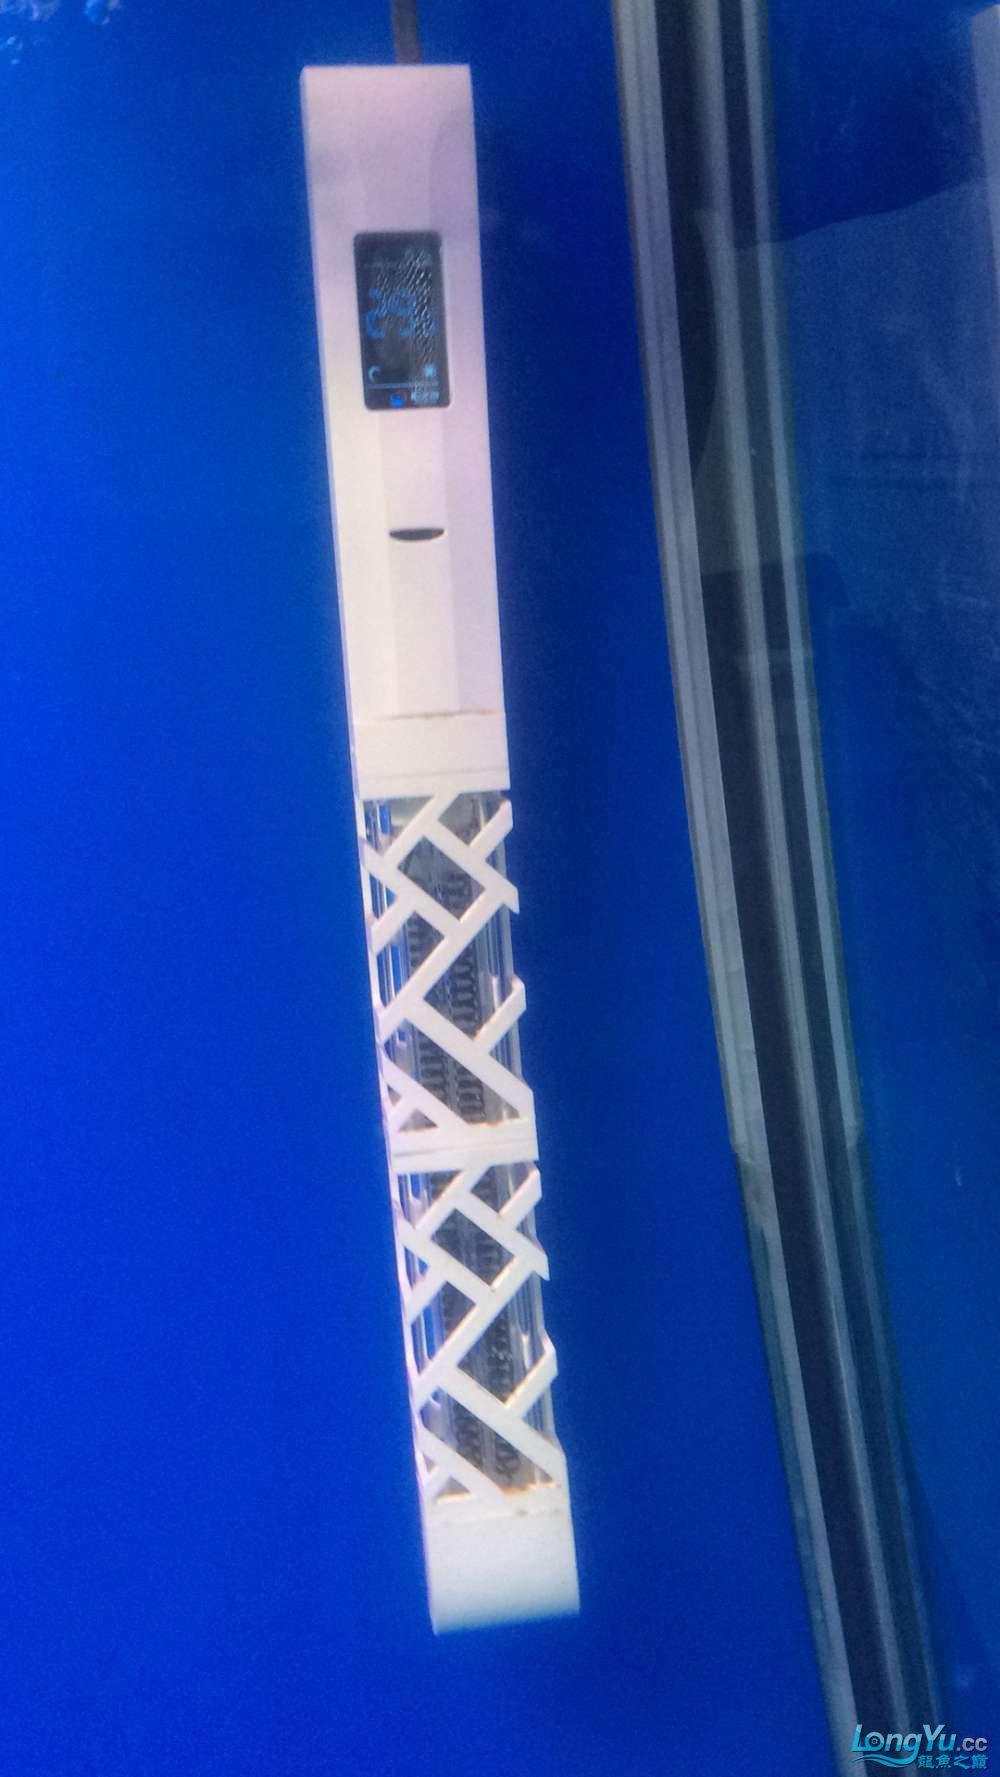 新年愿望多得一个徽章就行啦 西安观赏鱼信息 西安博特第3张